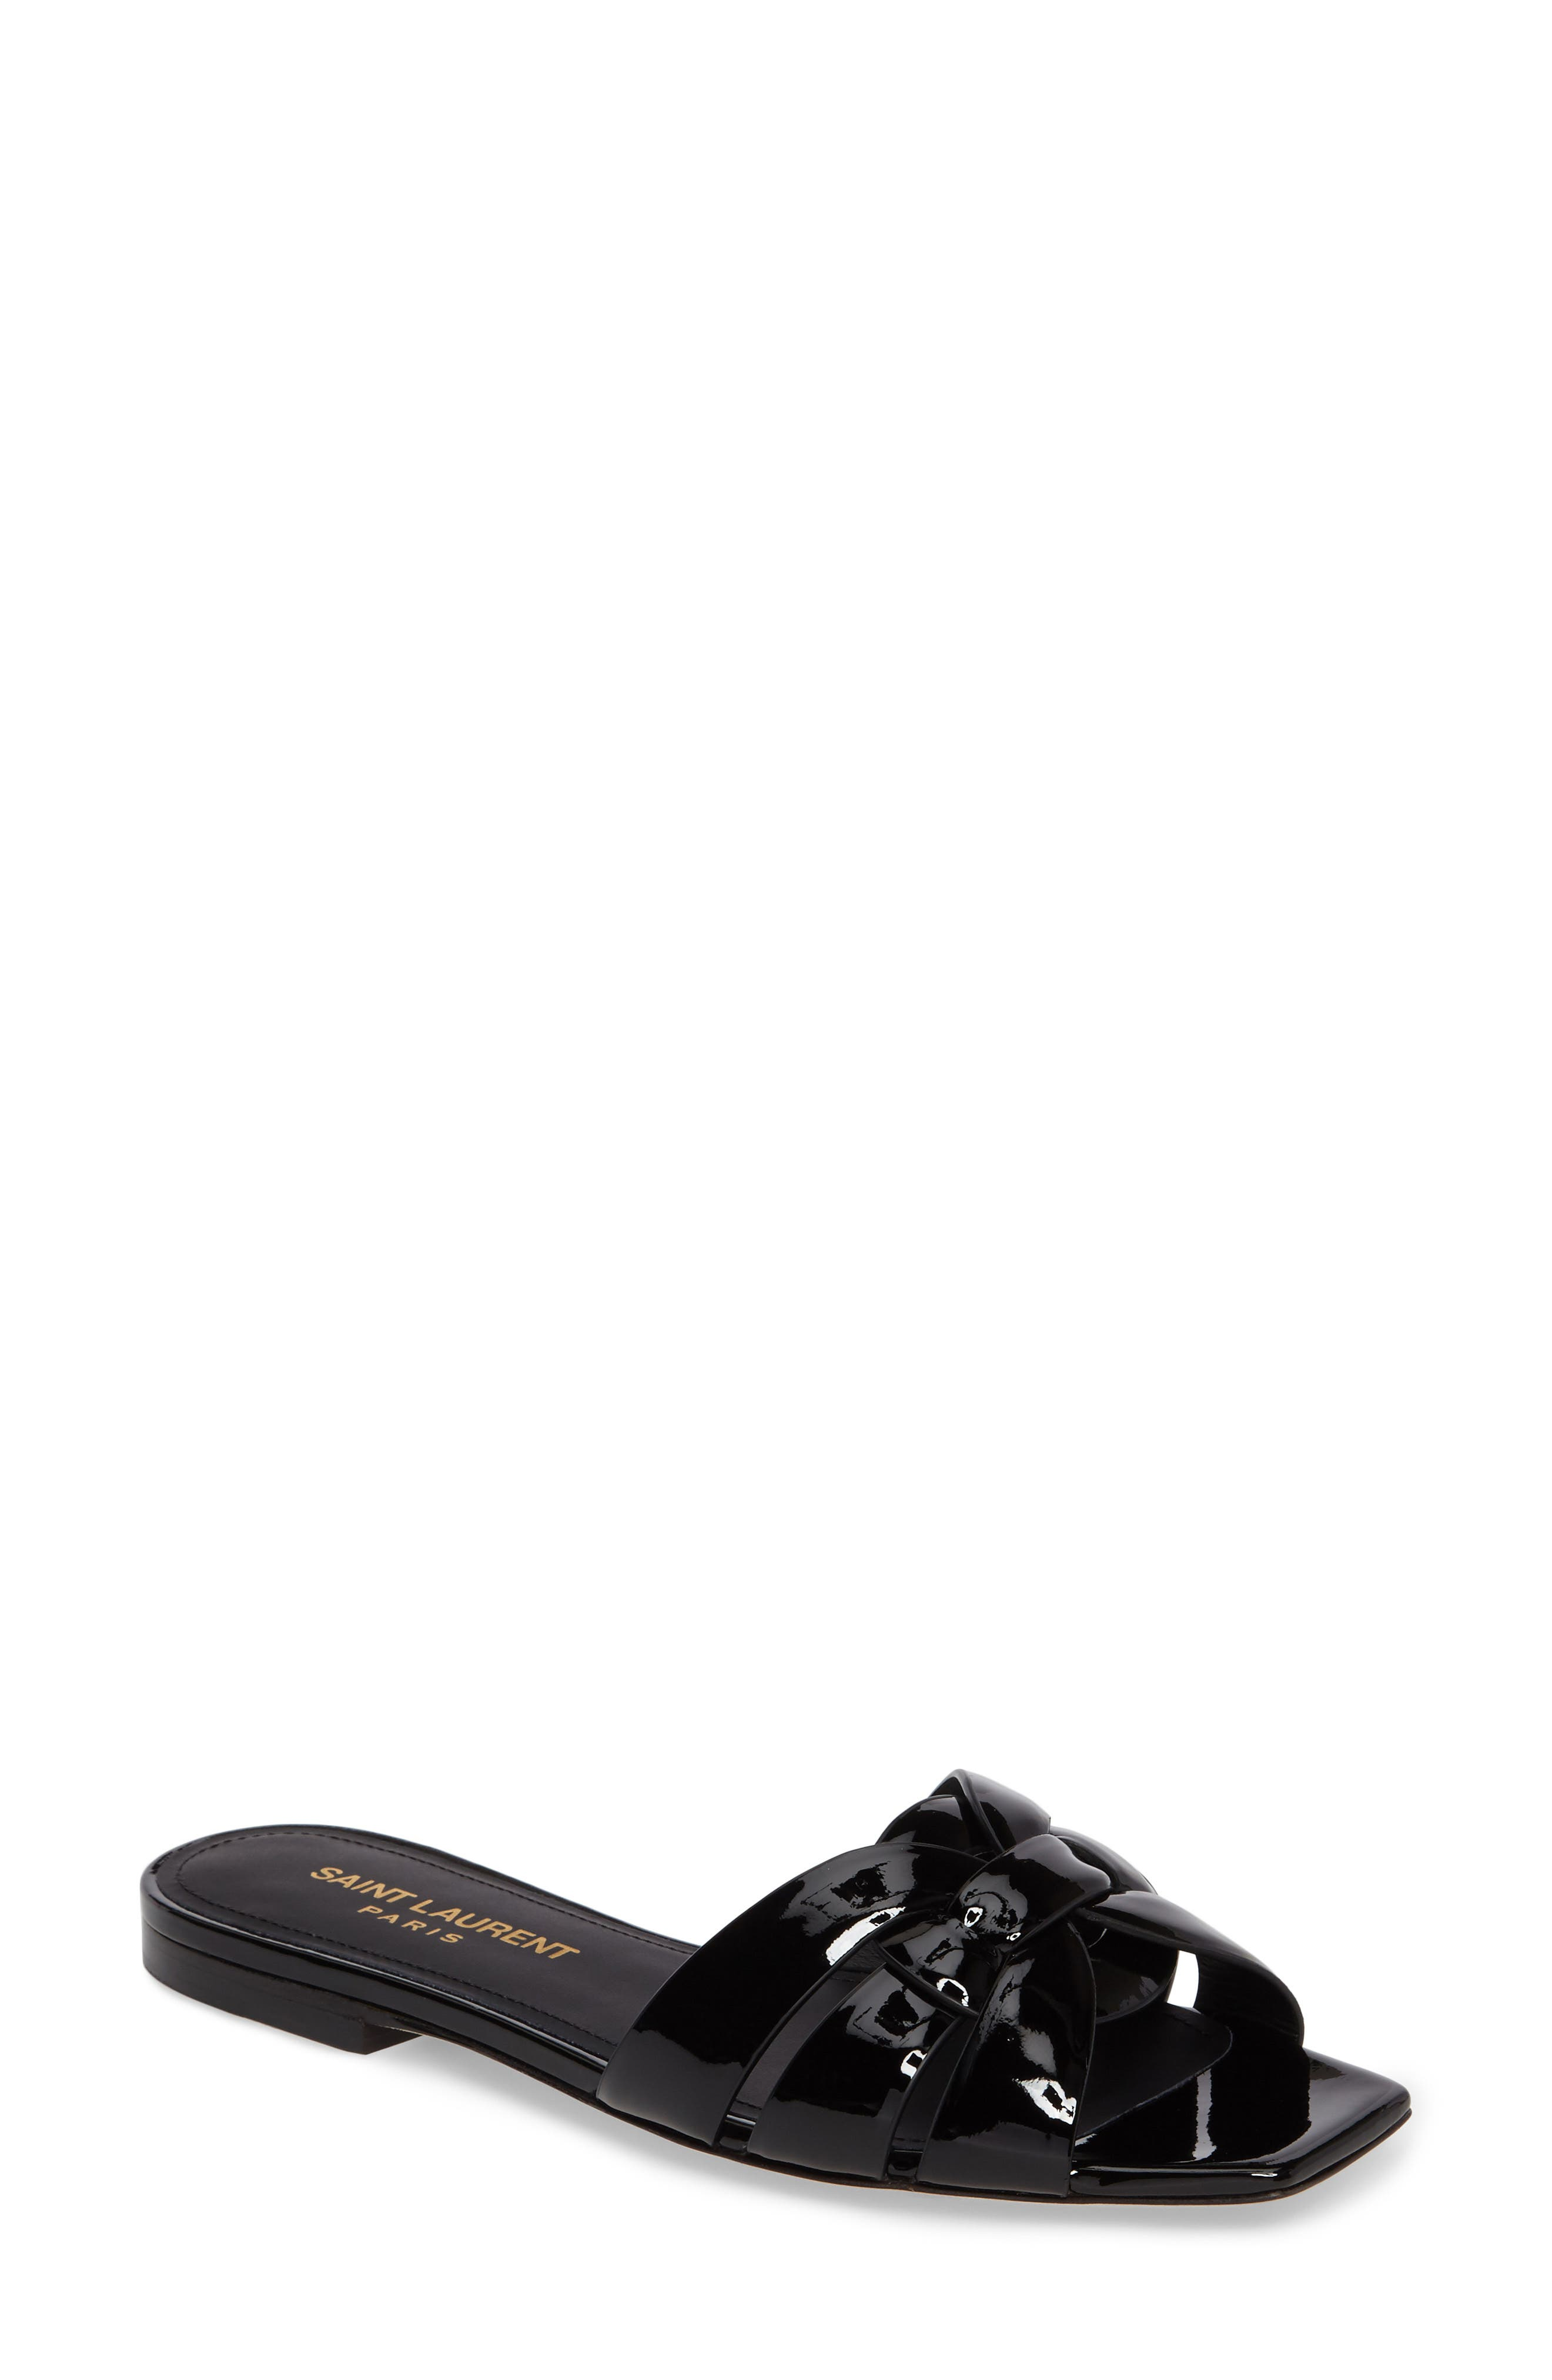 Tribute Slide Sandal,                             Main thumbnail 1, color,                             BLACK PATENT